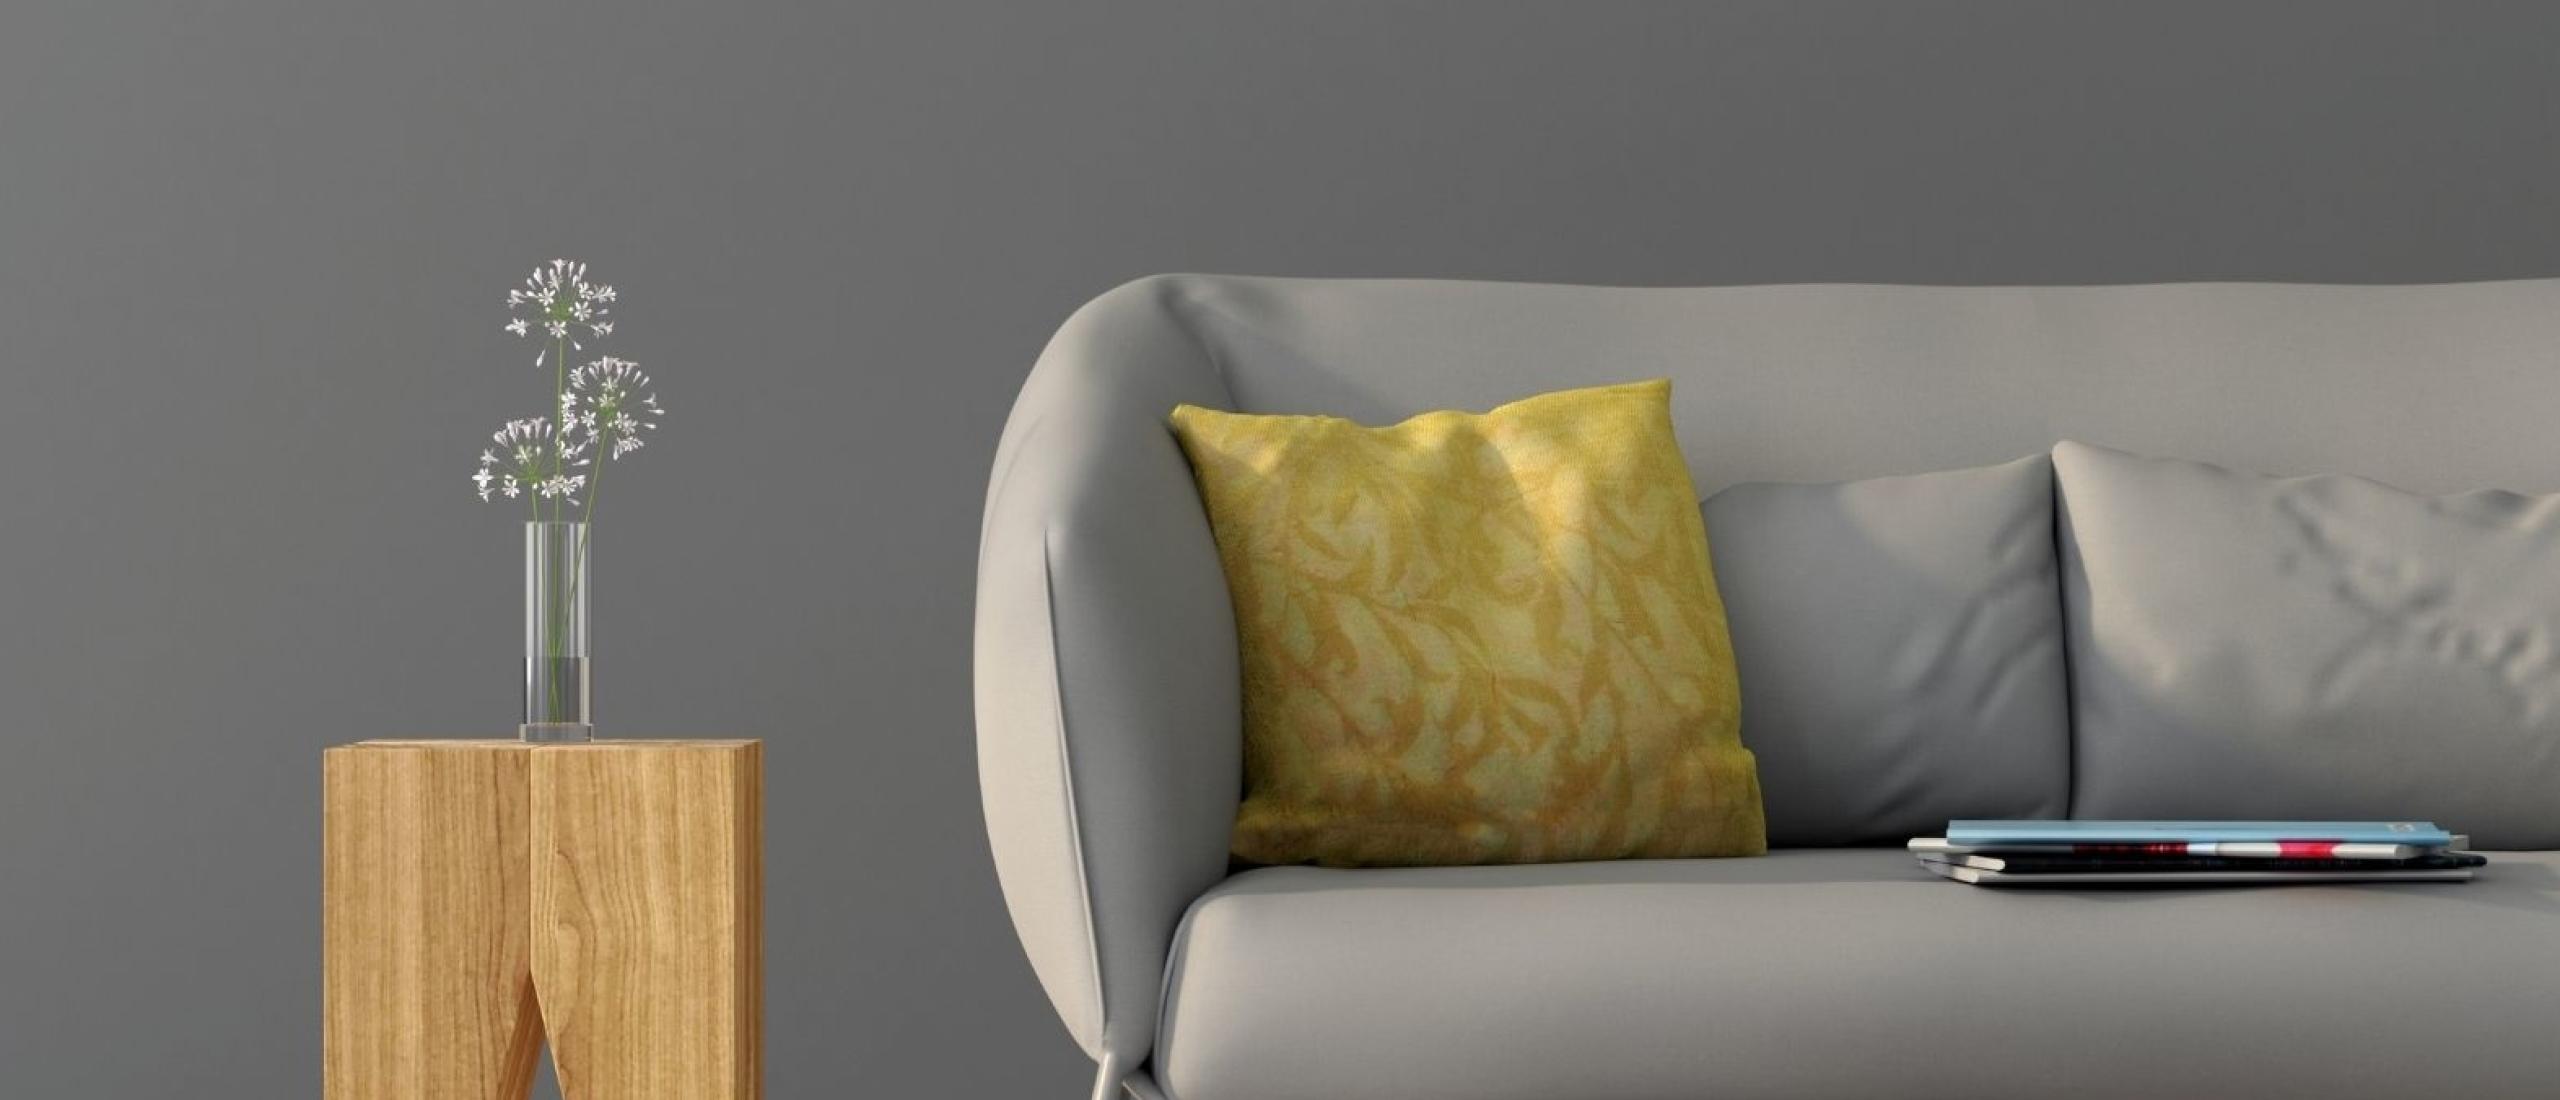 Welke kleur past bij een grijs interieur?